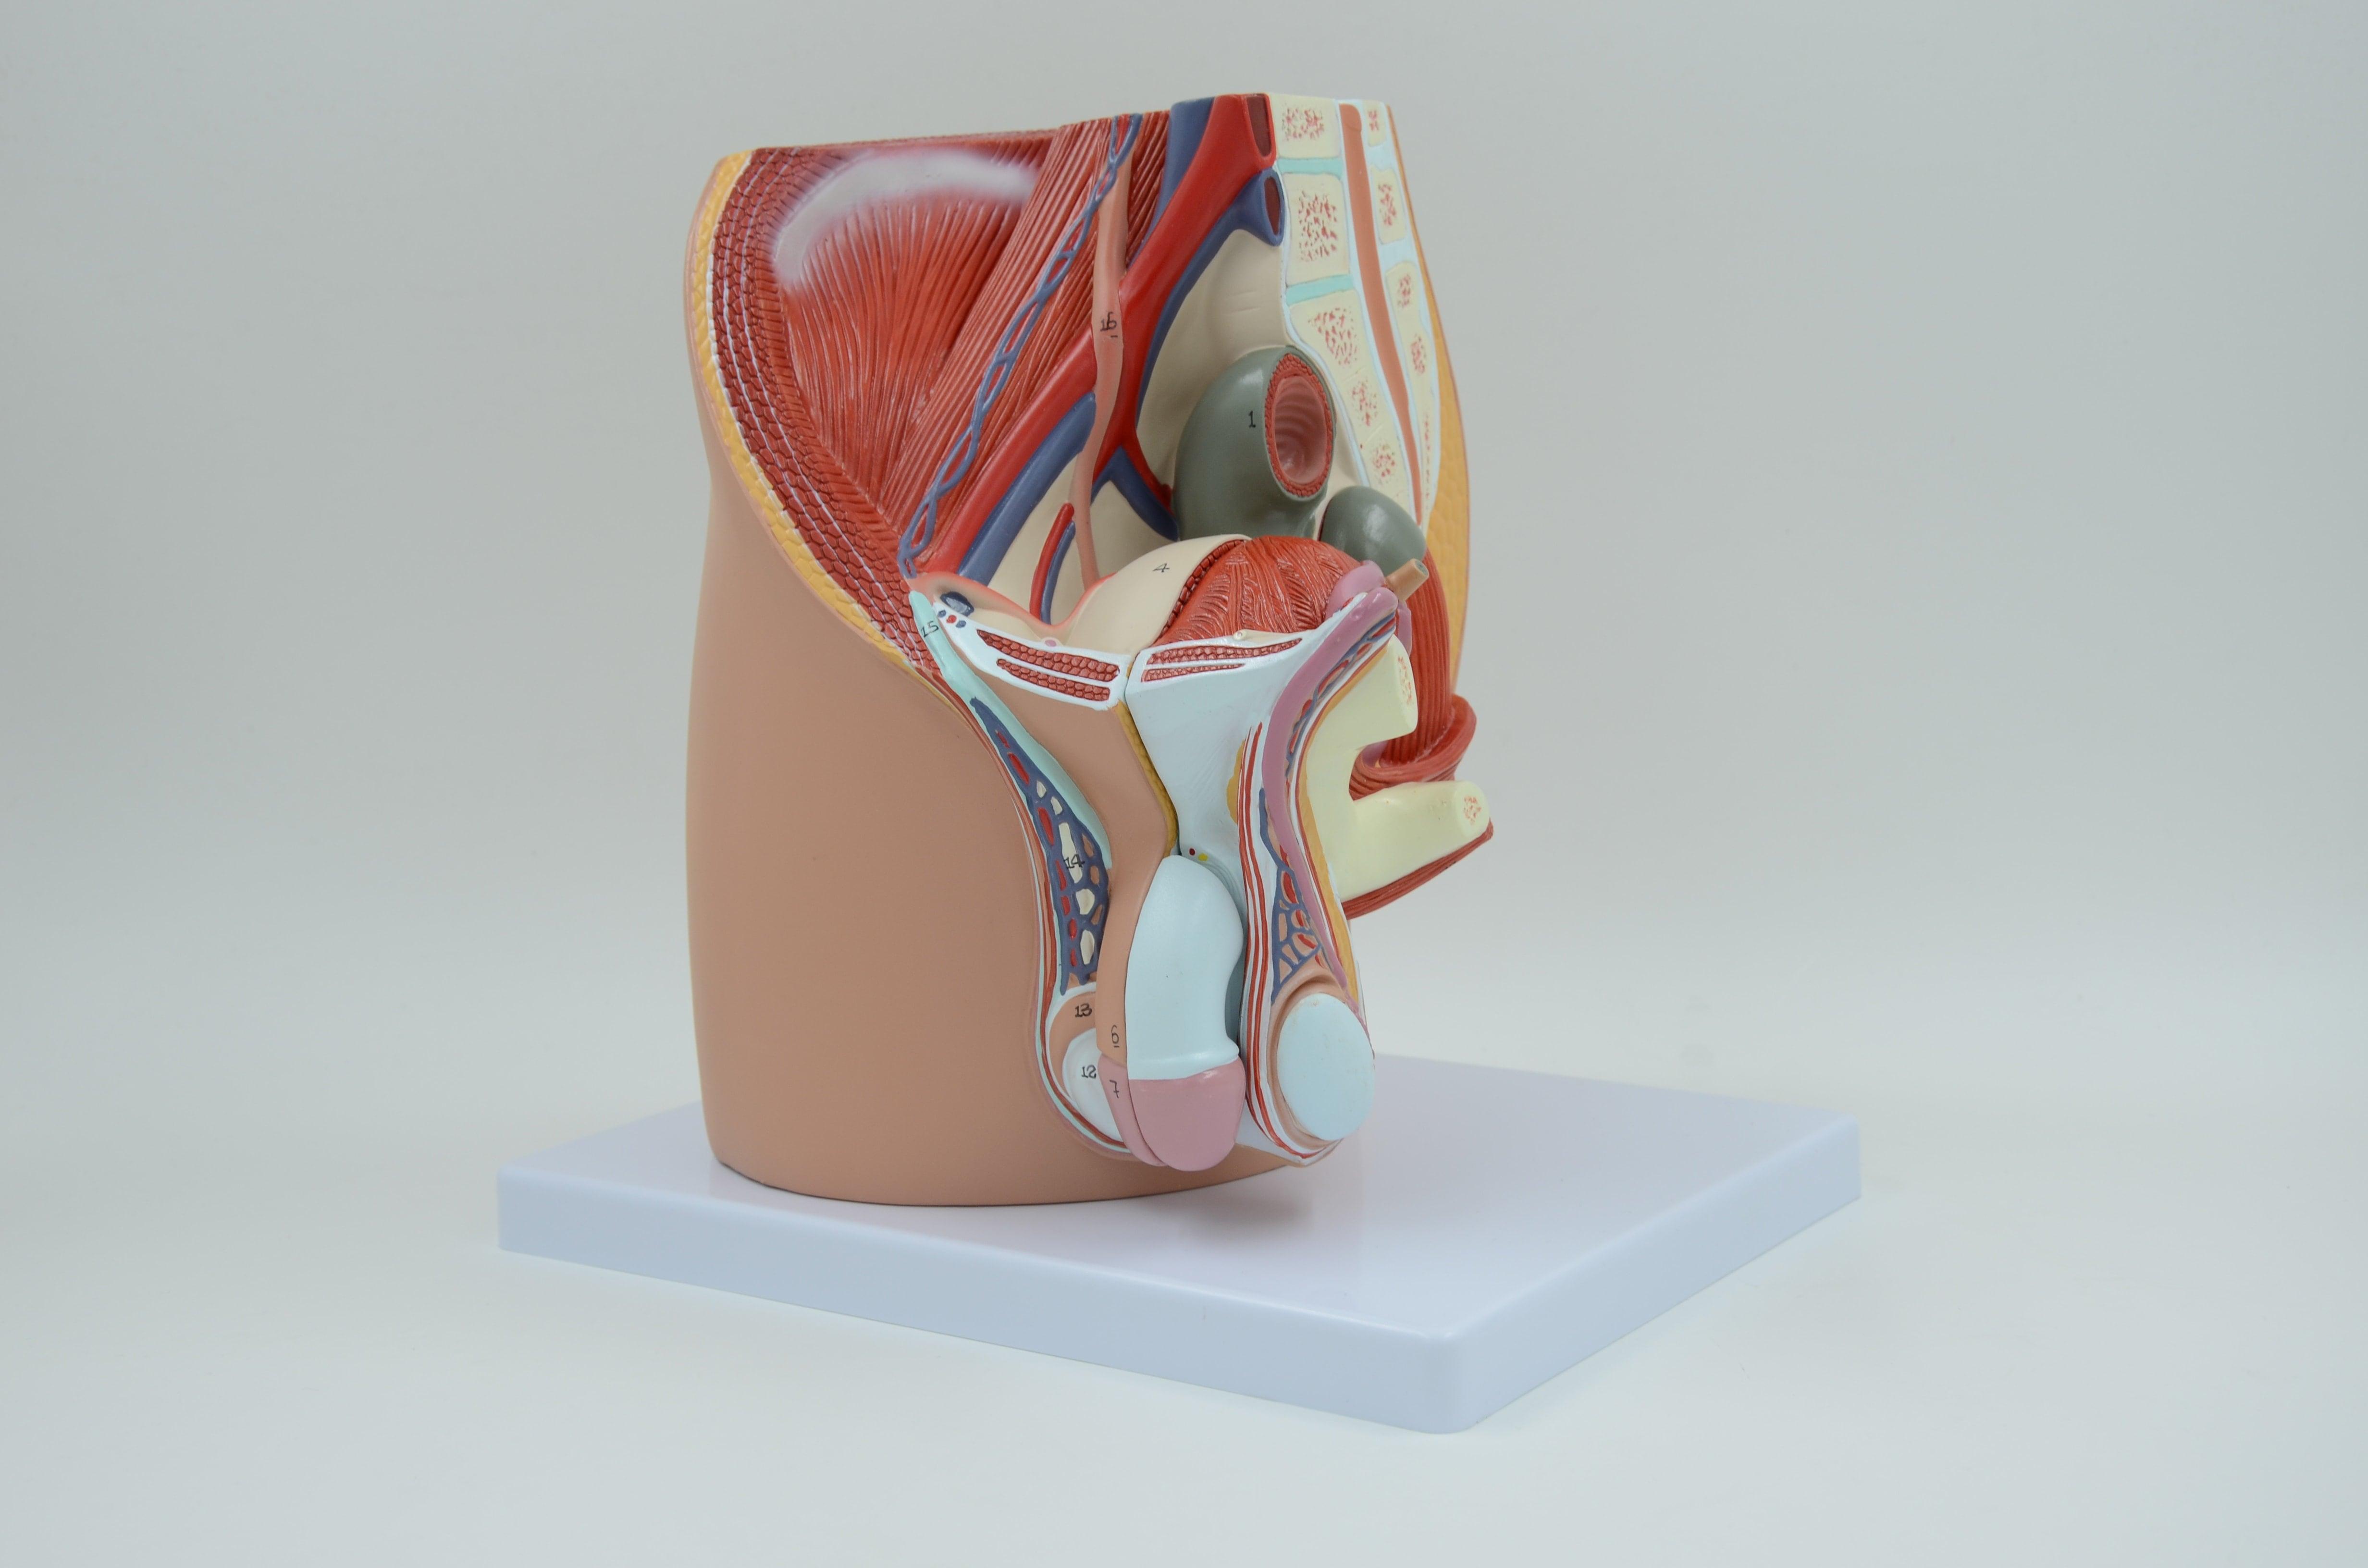 אגן גברי - דגם אנטומי תלת מימדי